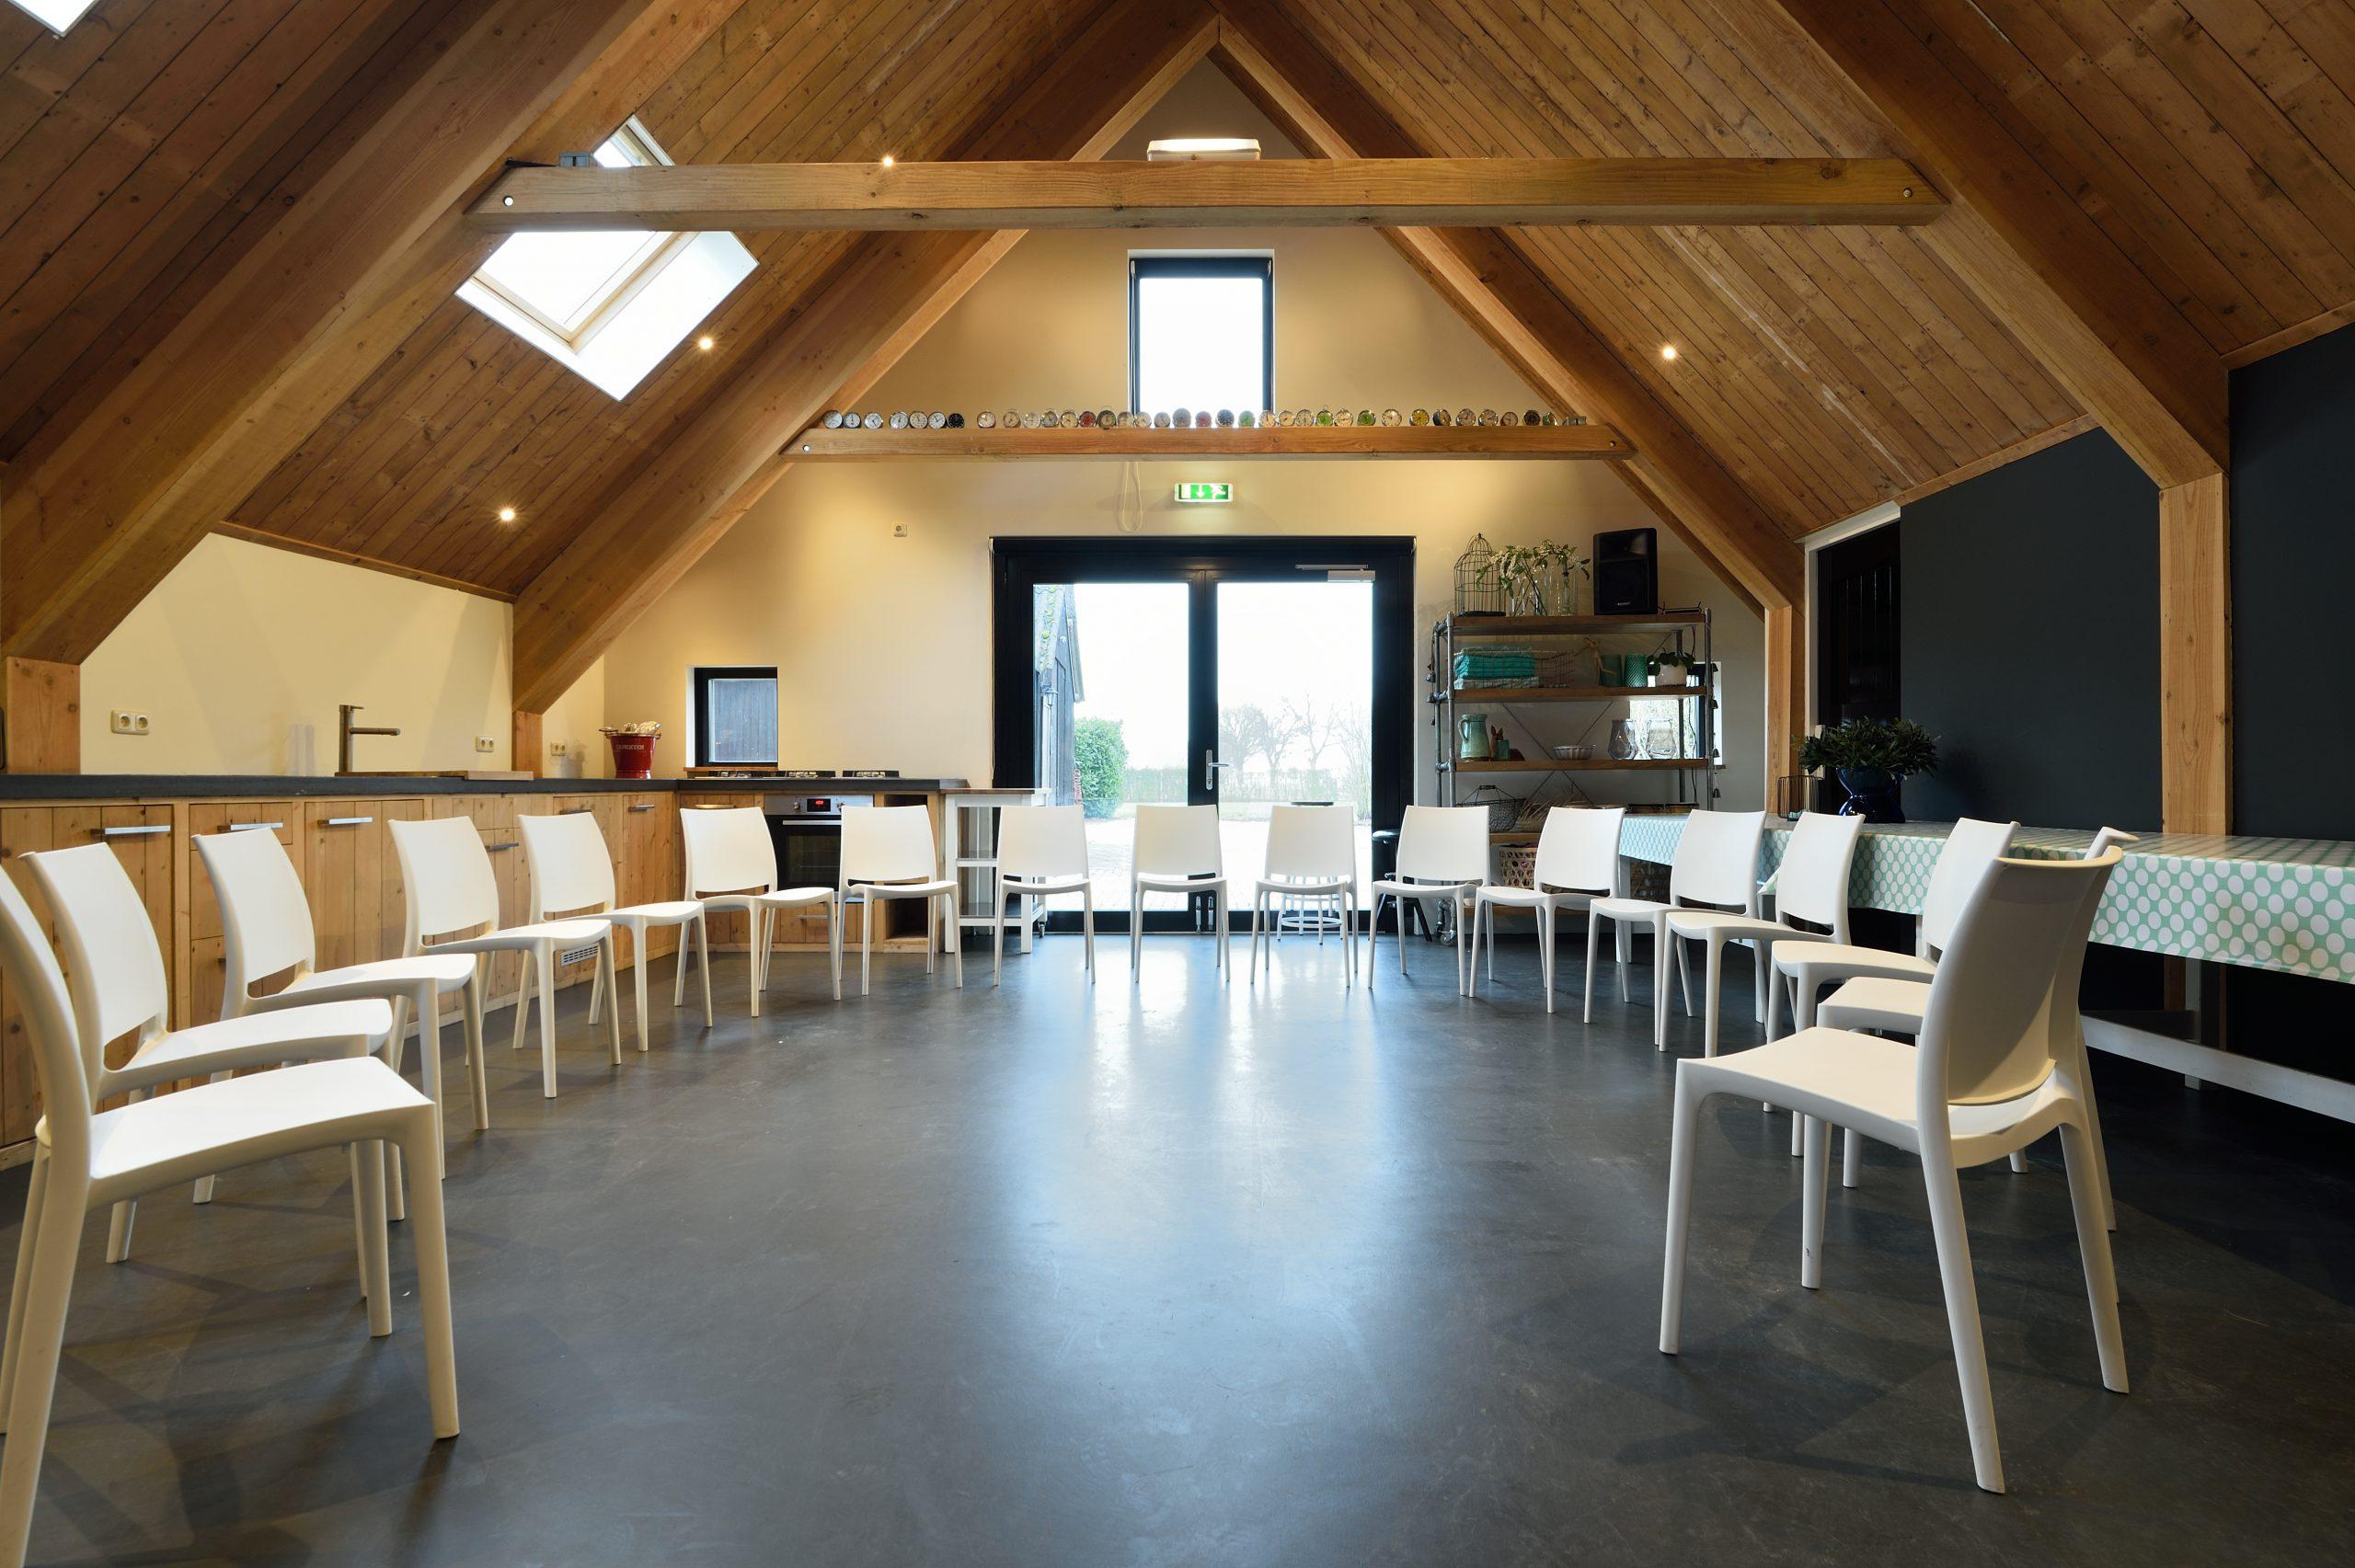 Vergaderlocatie Drenthe scaled - Het Drents Kwartiertje - Solex Huren / Rijden - Dafje Huren / Rijden - Groepsactiviteiten, workshops, teambuilding en trainingen Drenthe